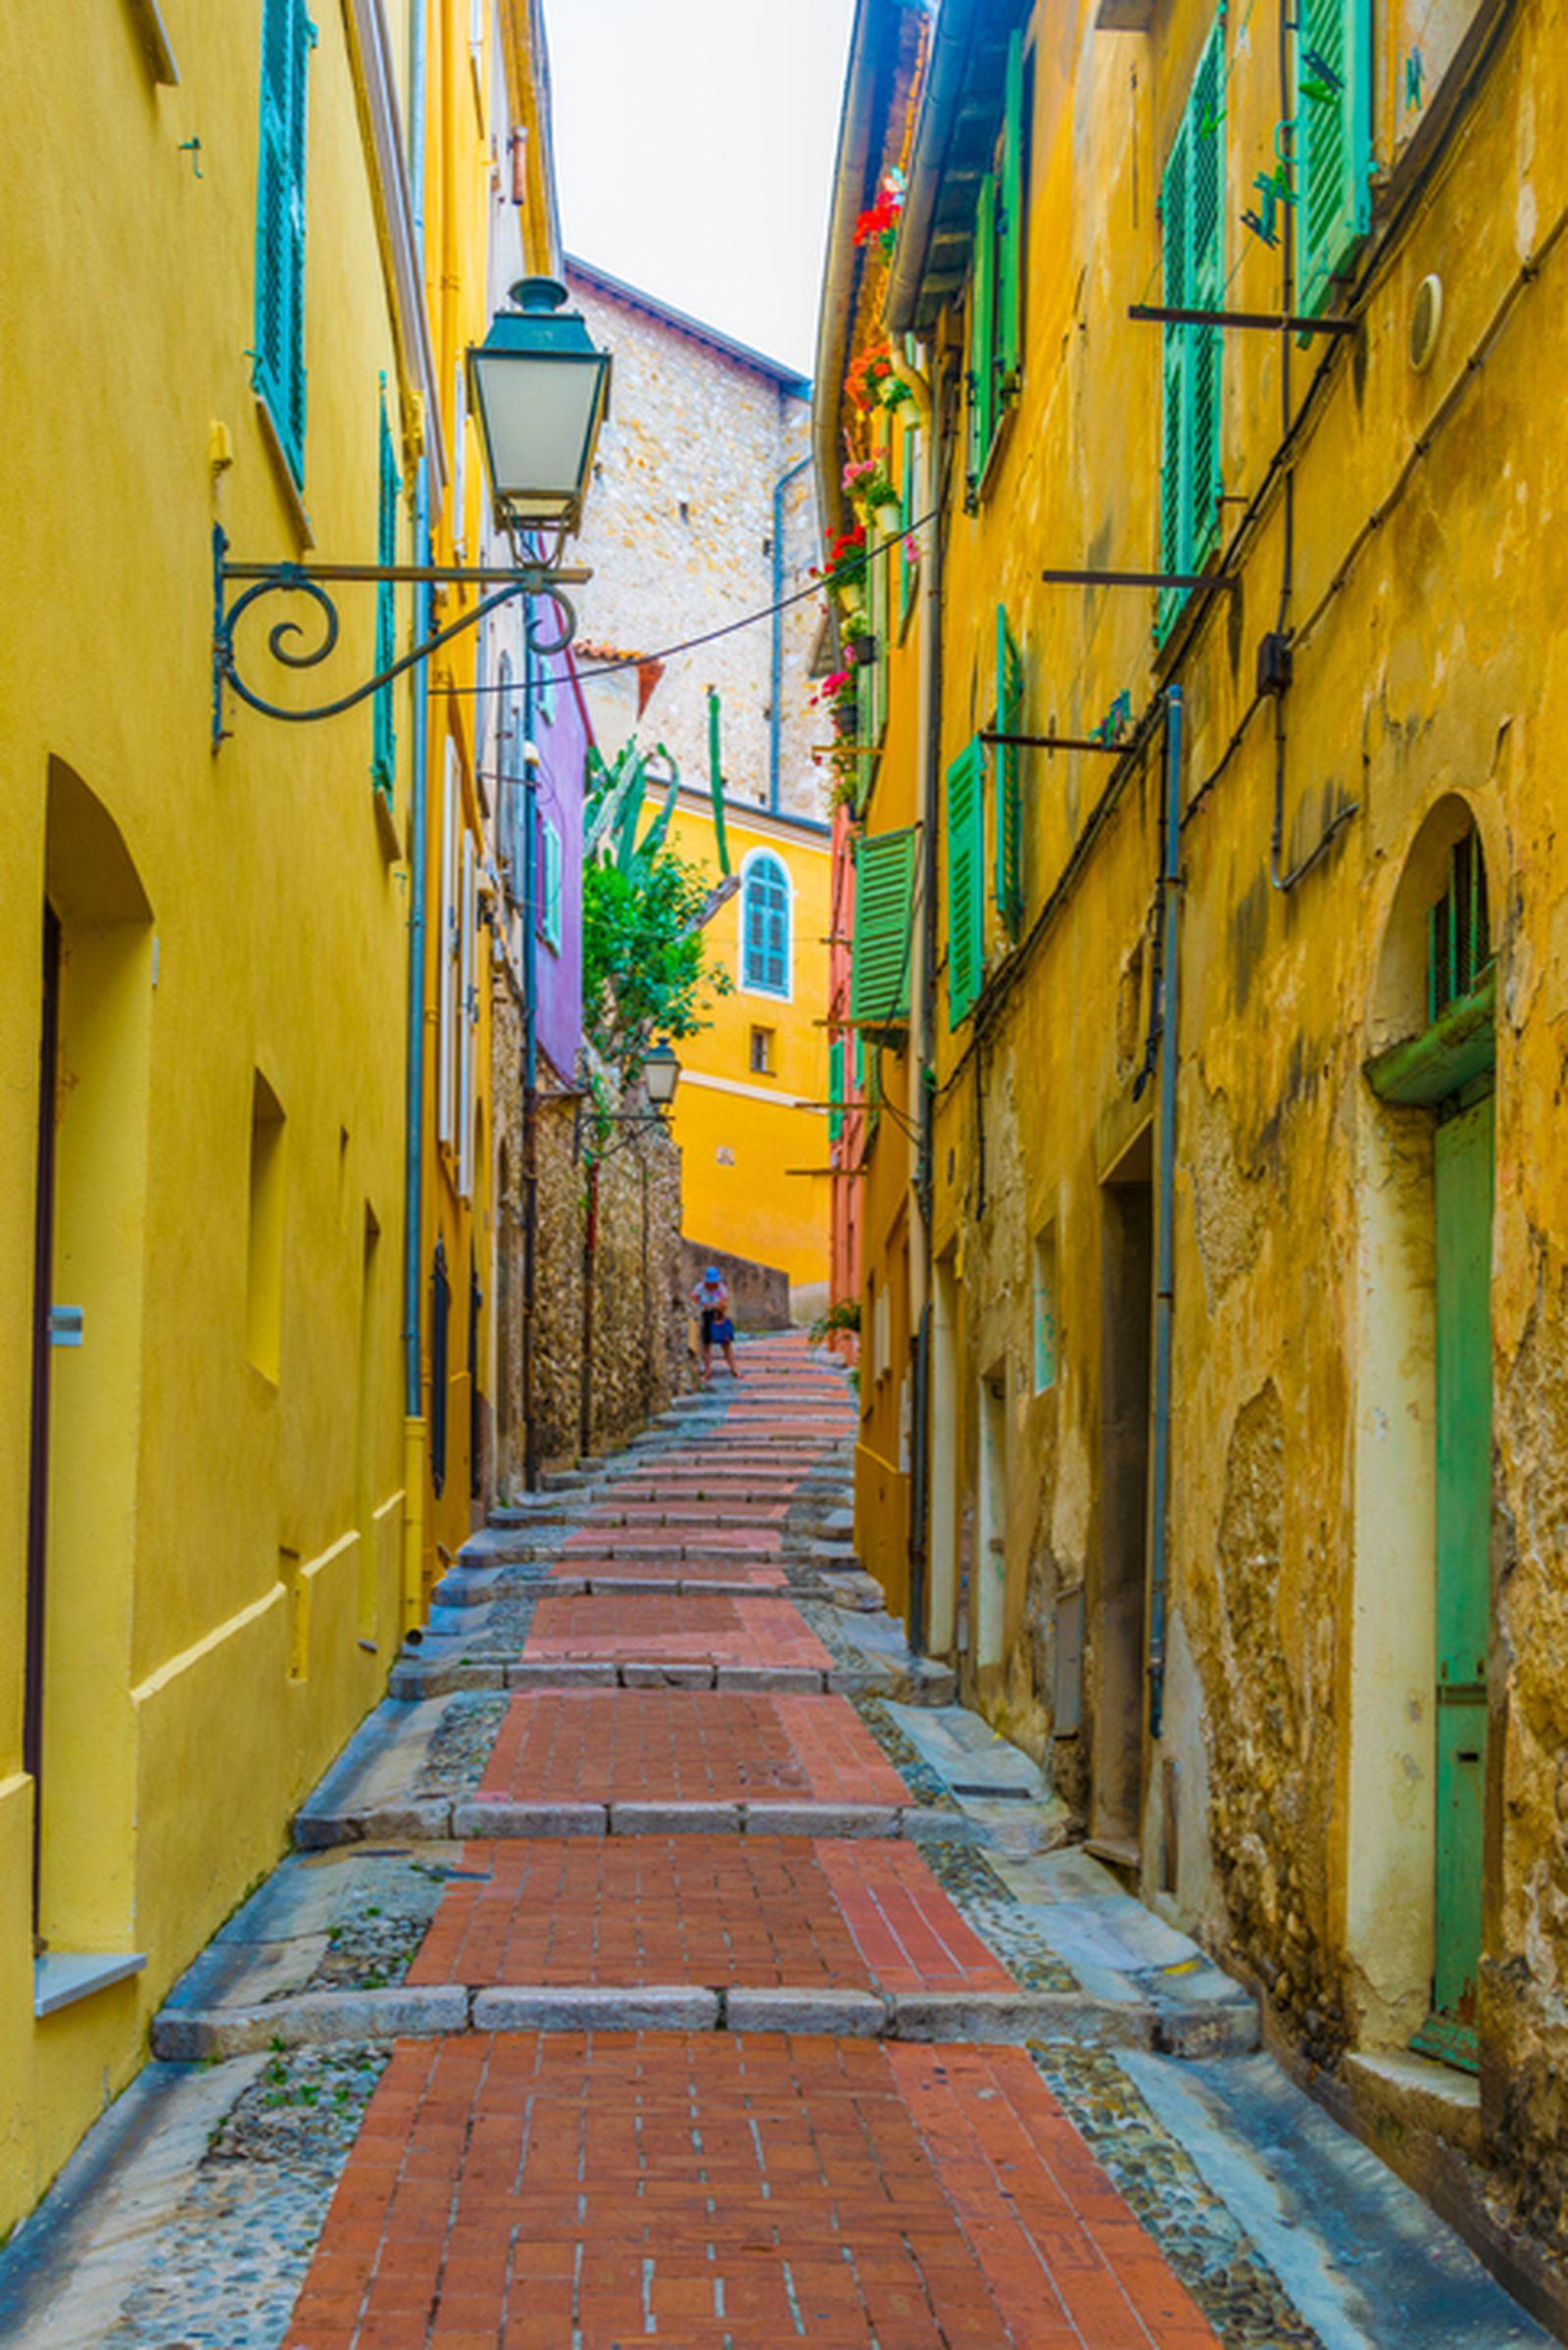 Град на лимоните во Франција за кој многу туристи никогаш немаaт слушнало